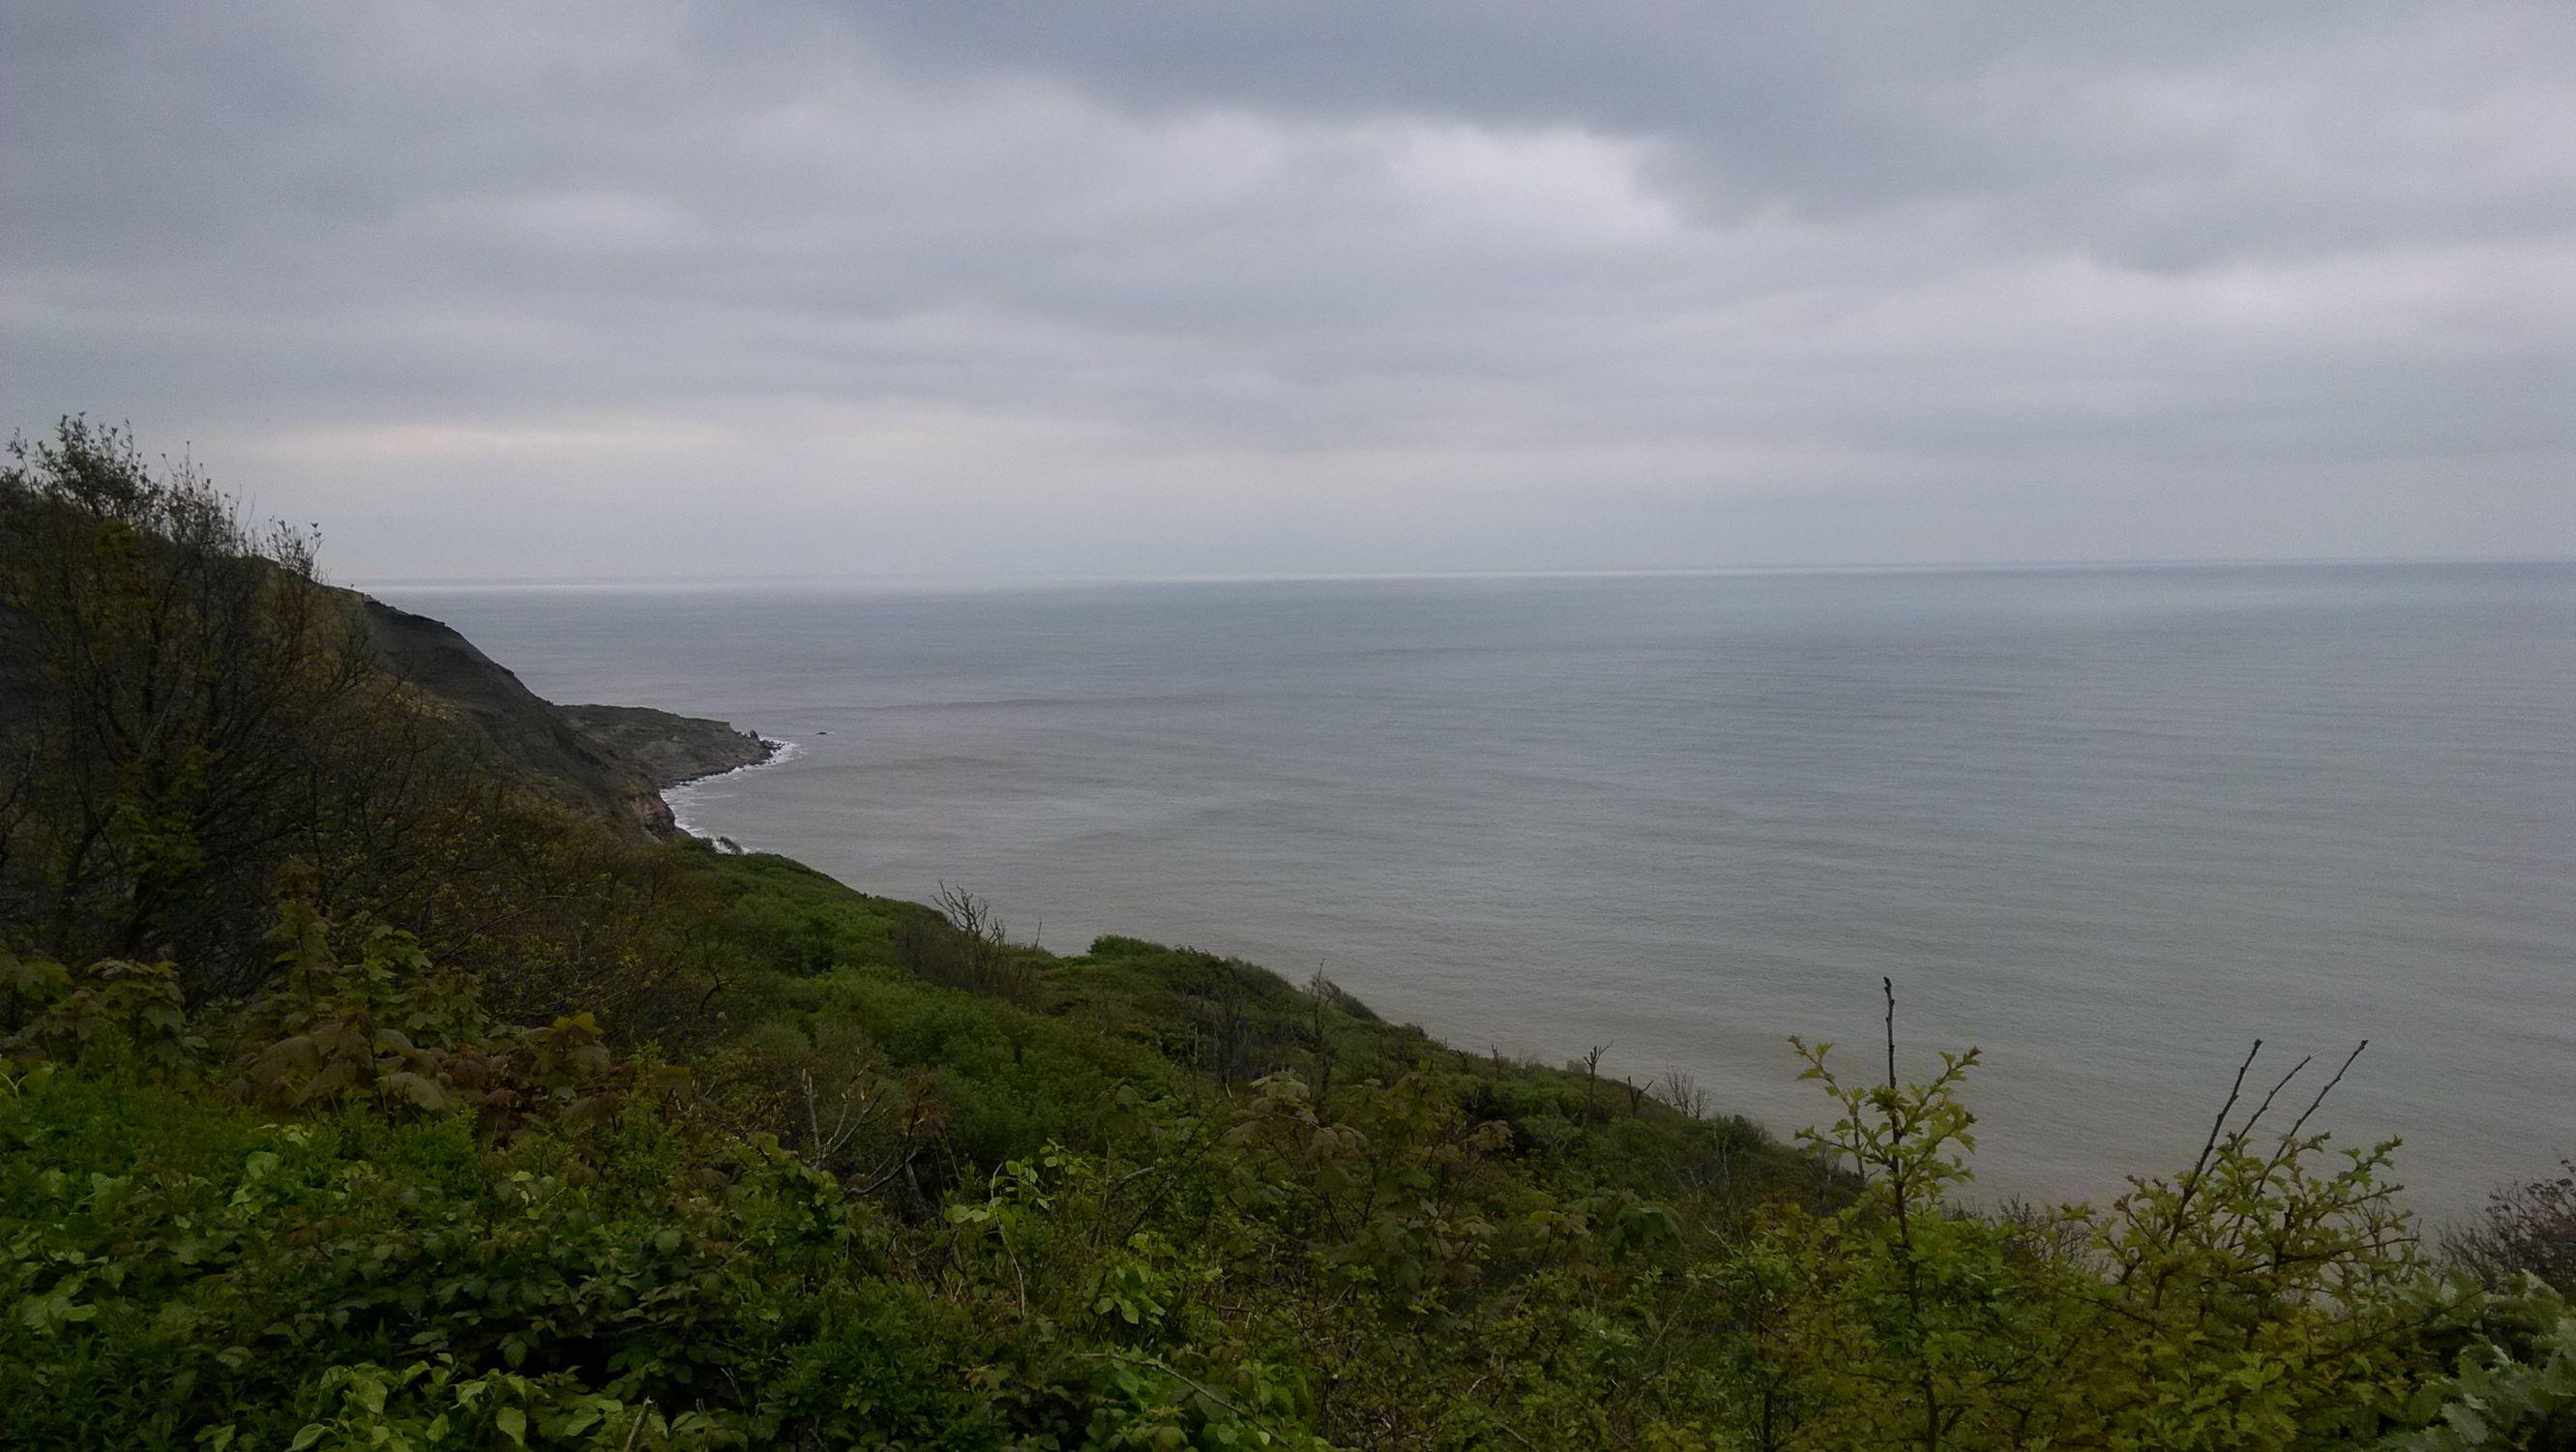 Fantasztikus kilátással a tengerre